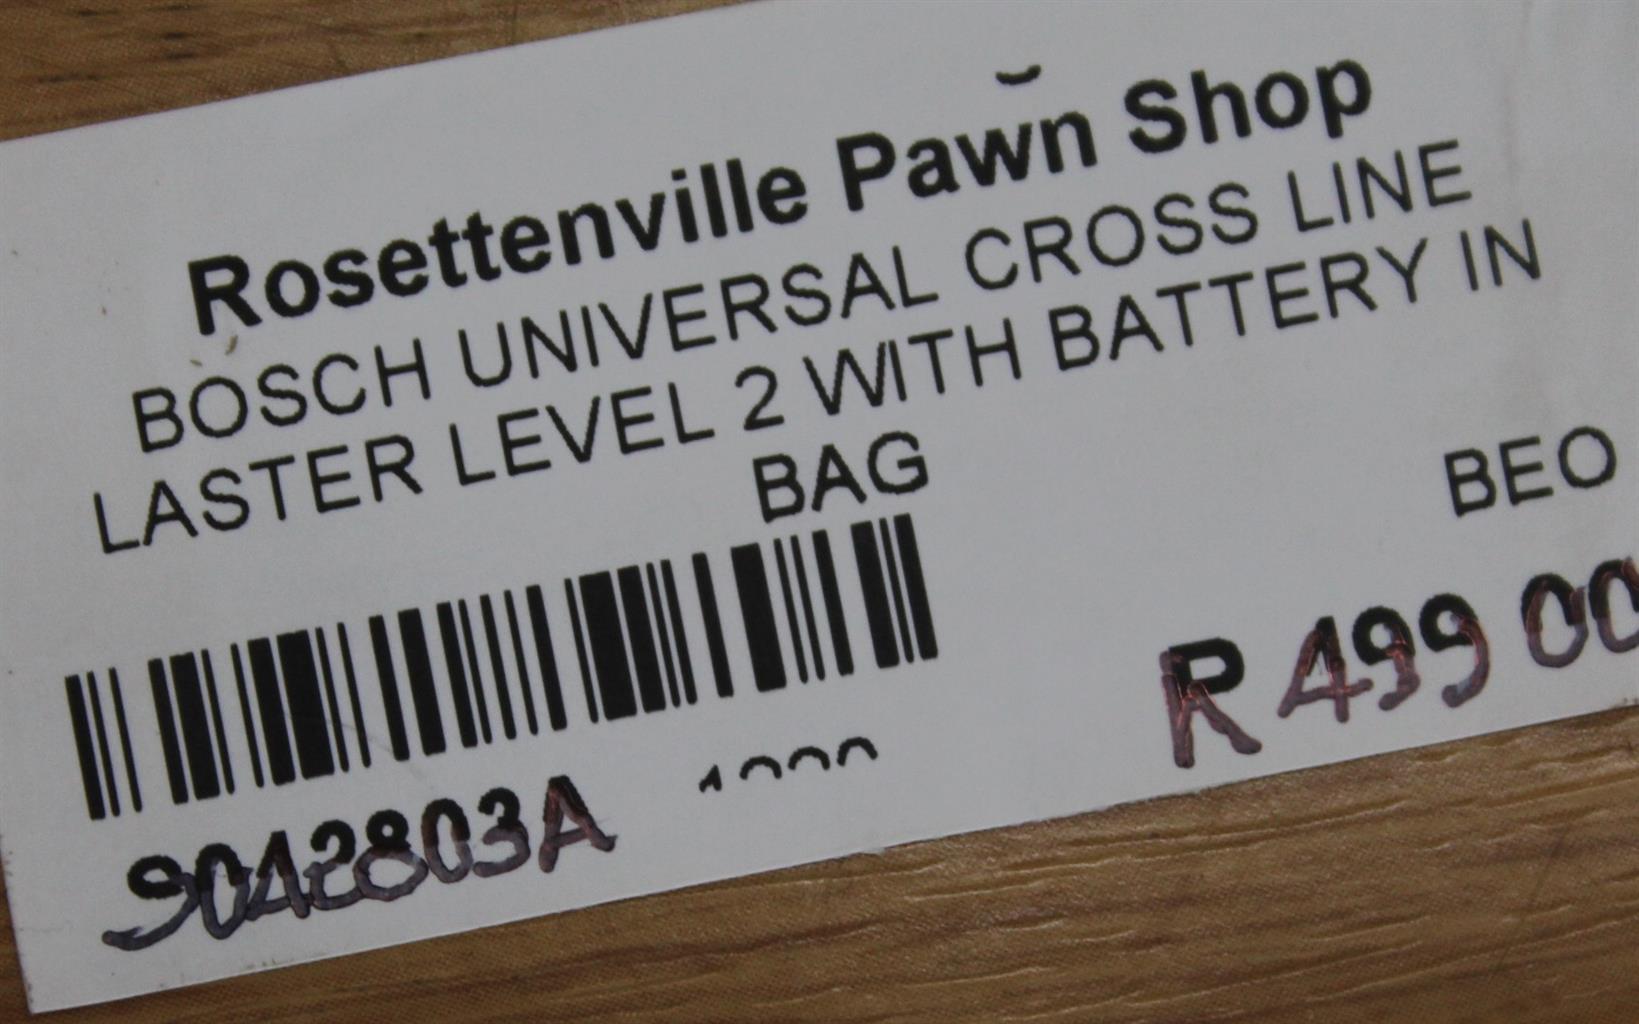 Bosch universal cross line laser level S042803A #Rosettenvillepawnshop